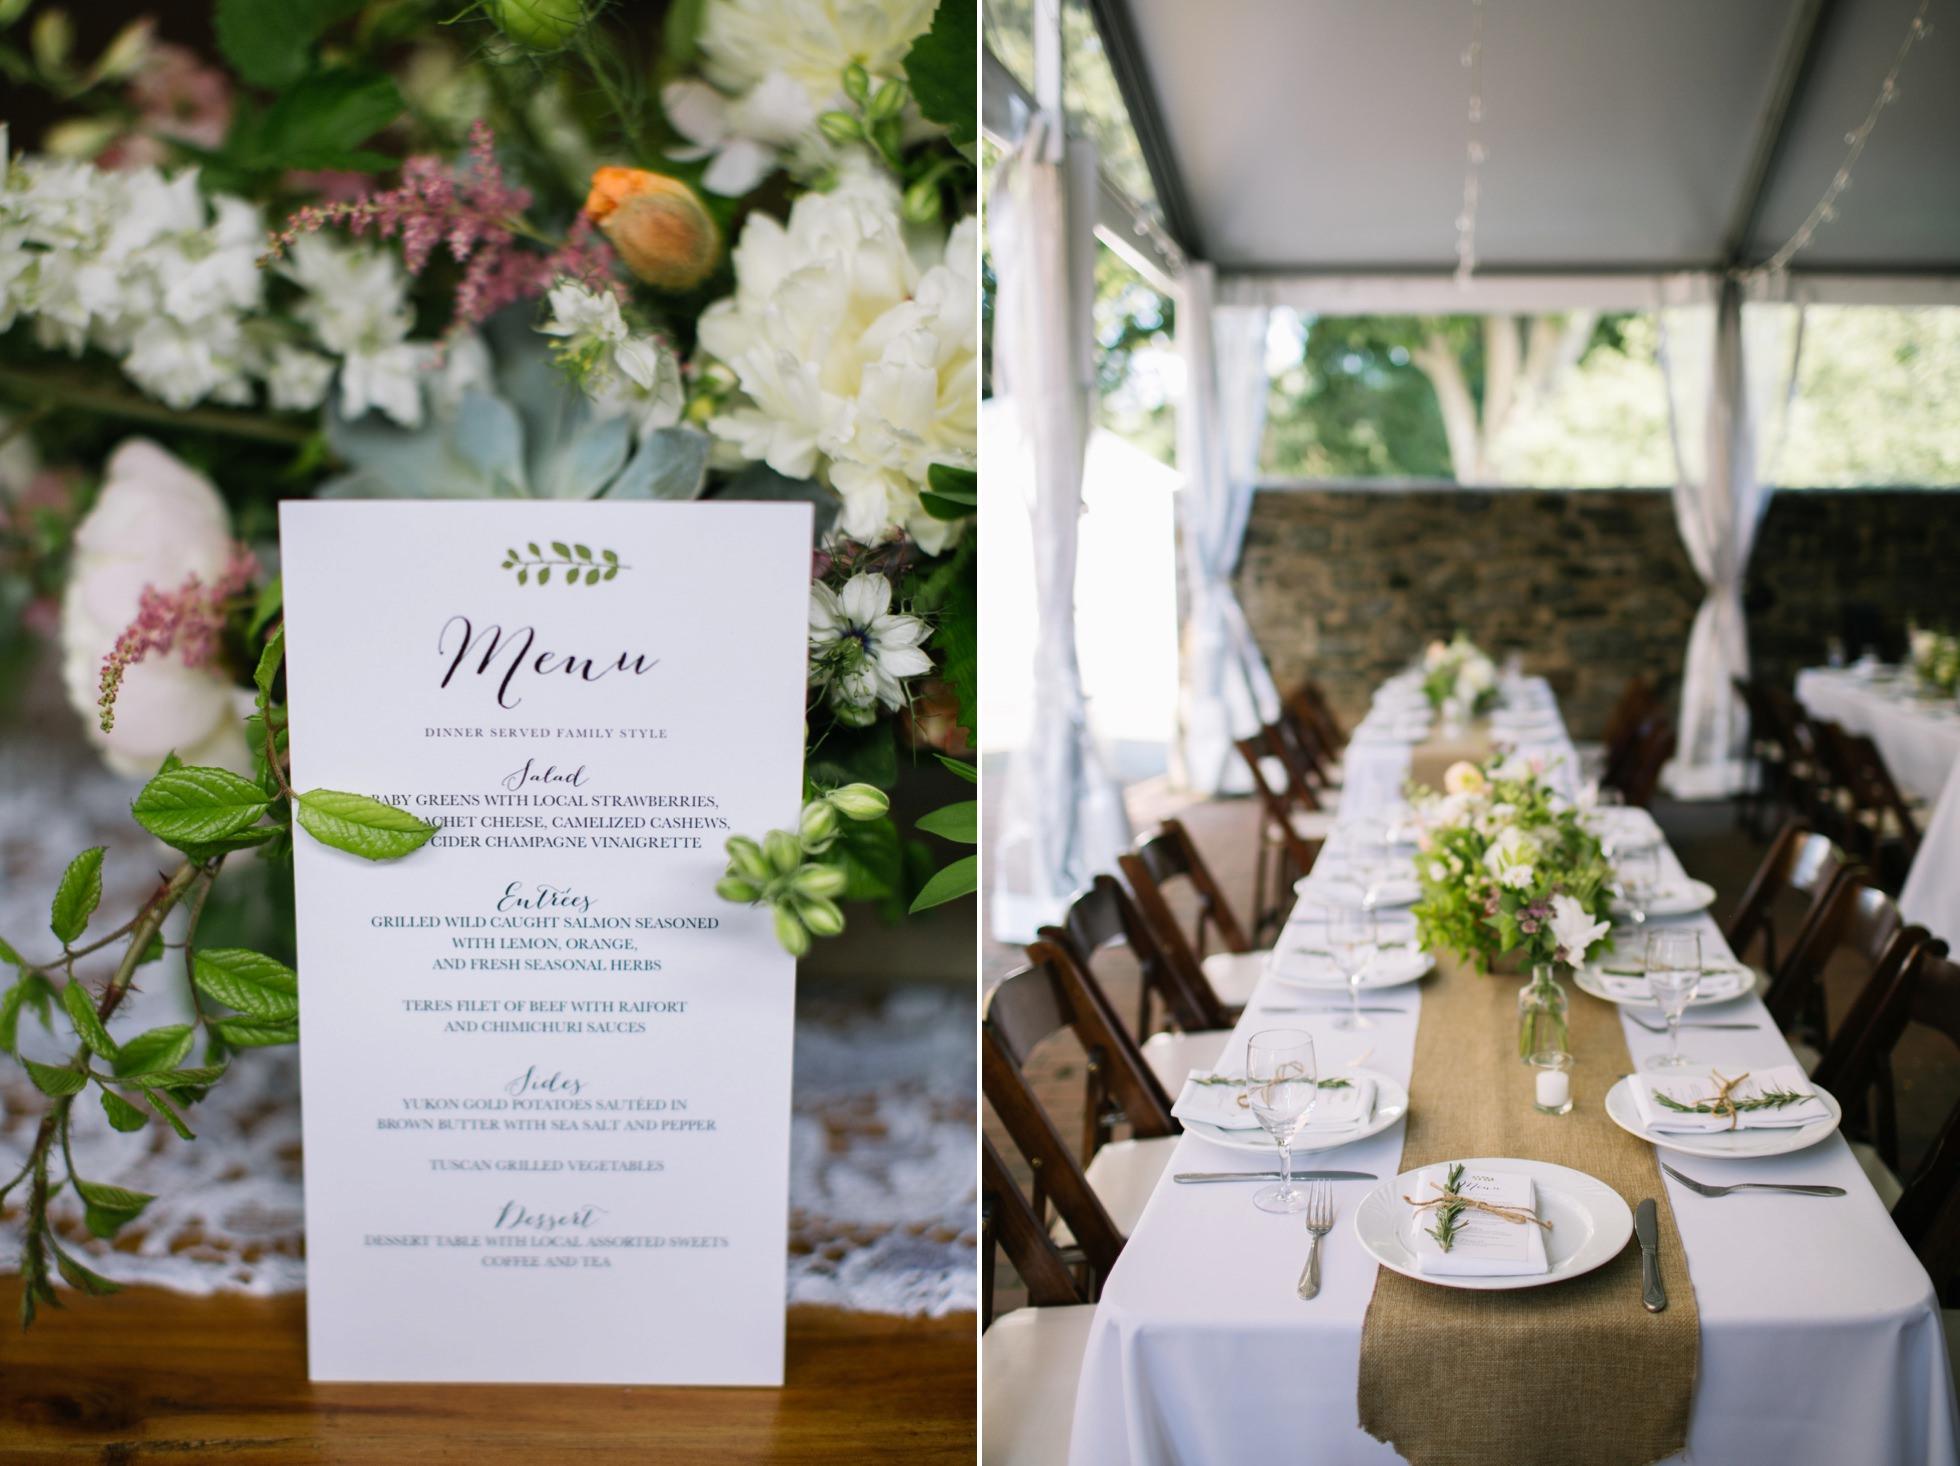 Romantic Bartram's Garden Outdoor Summer Wedding, Philadelphia | brittneyraine.com 074